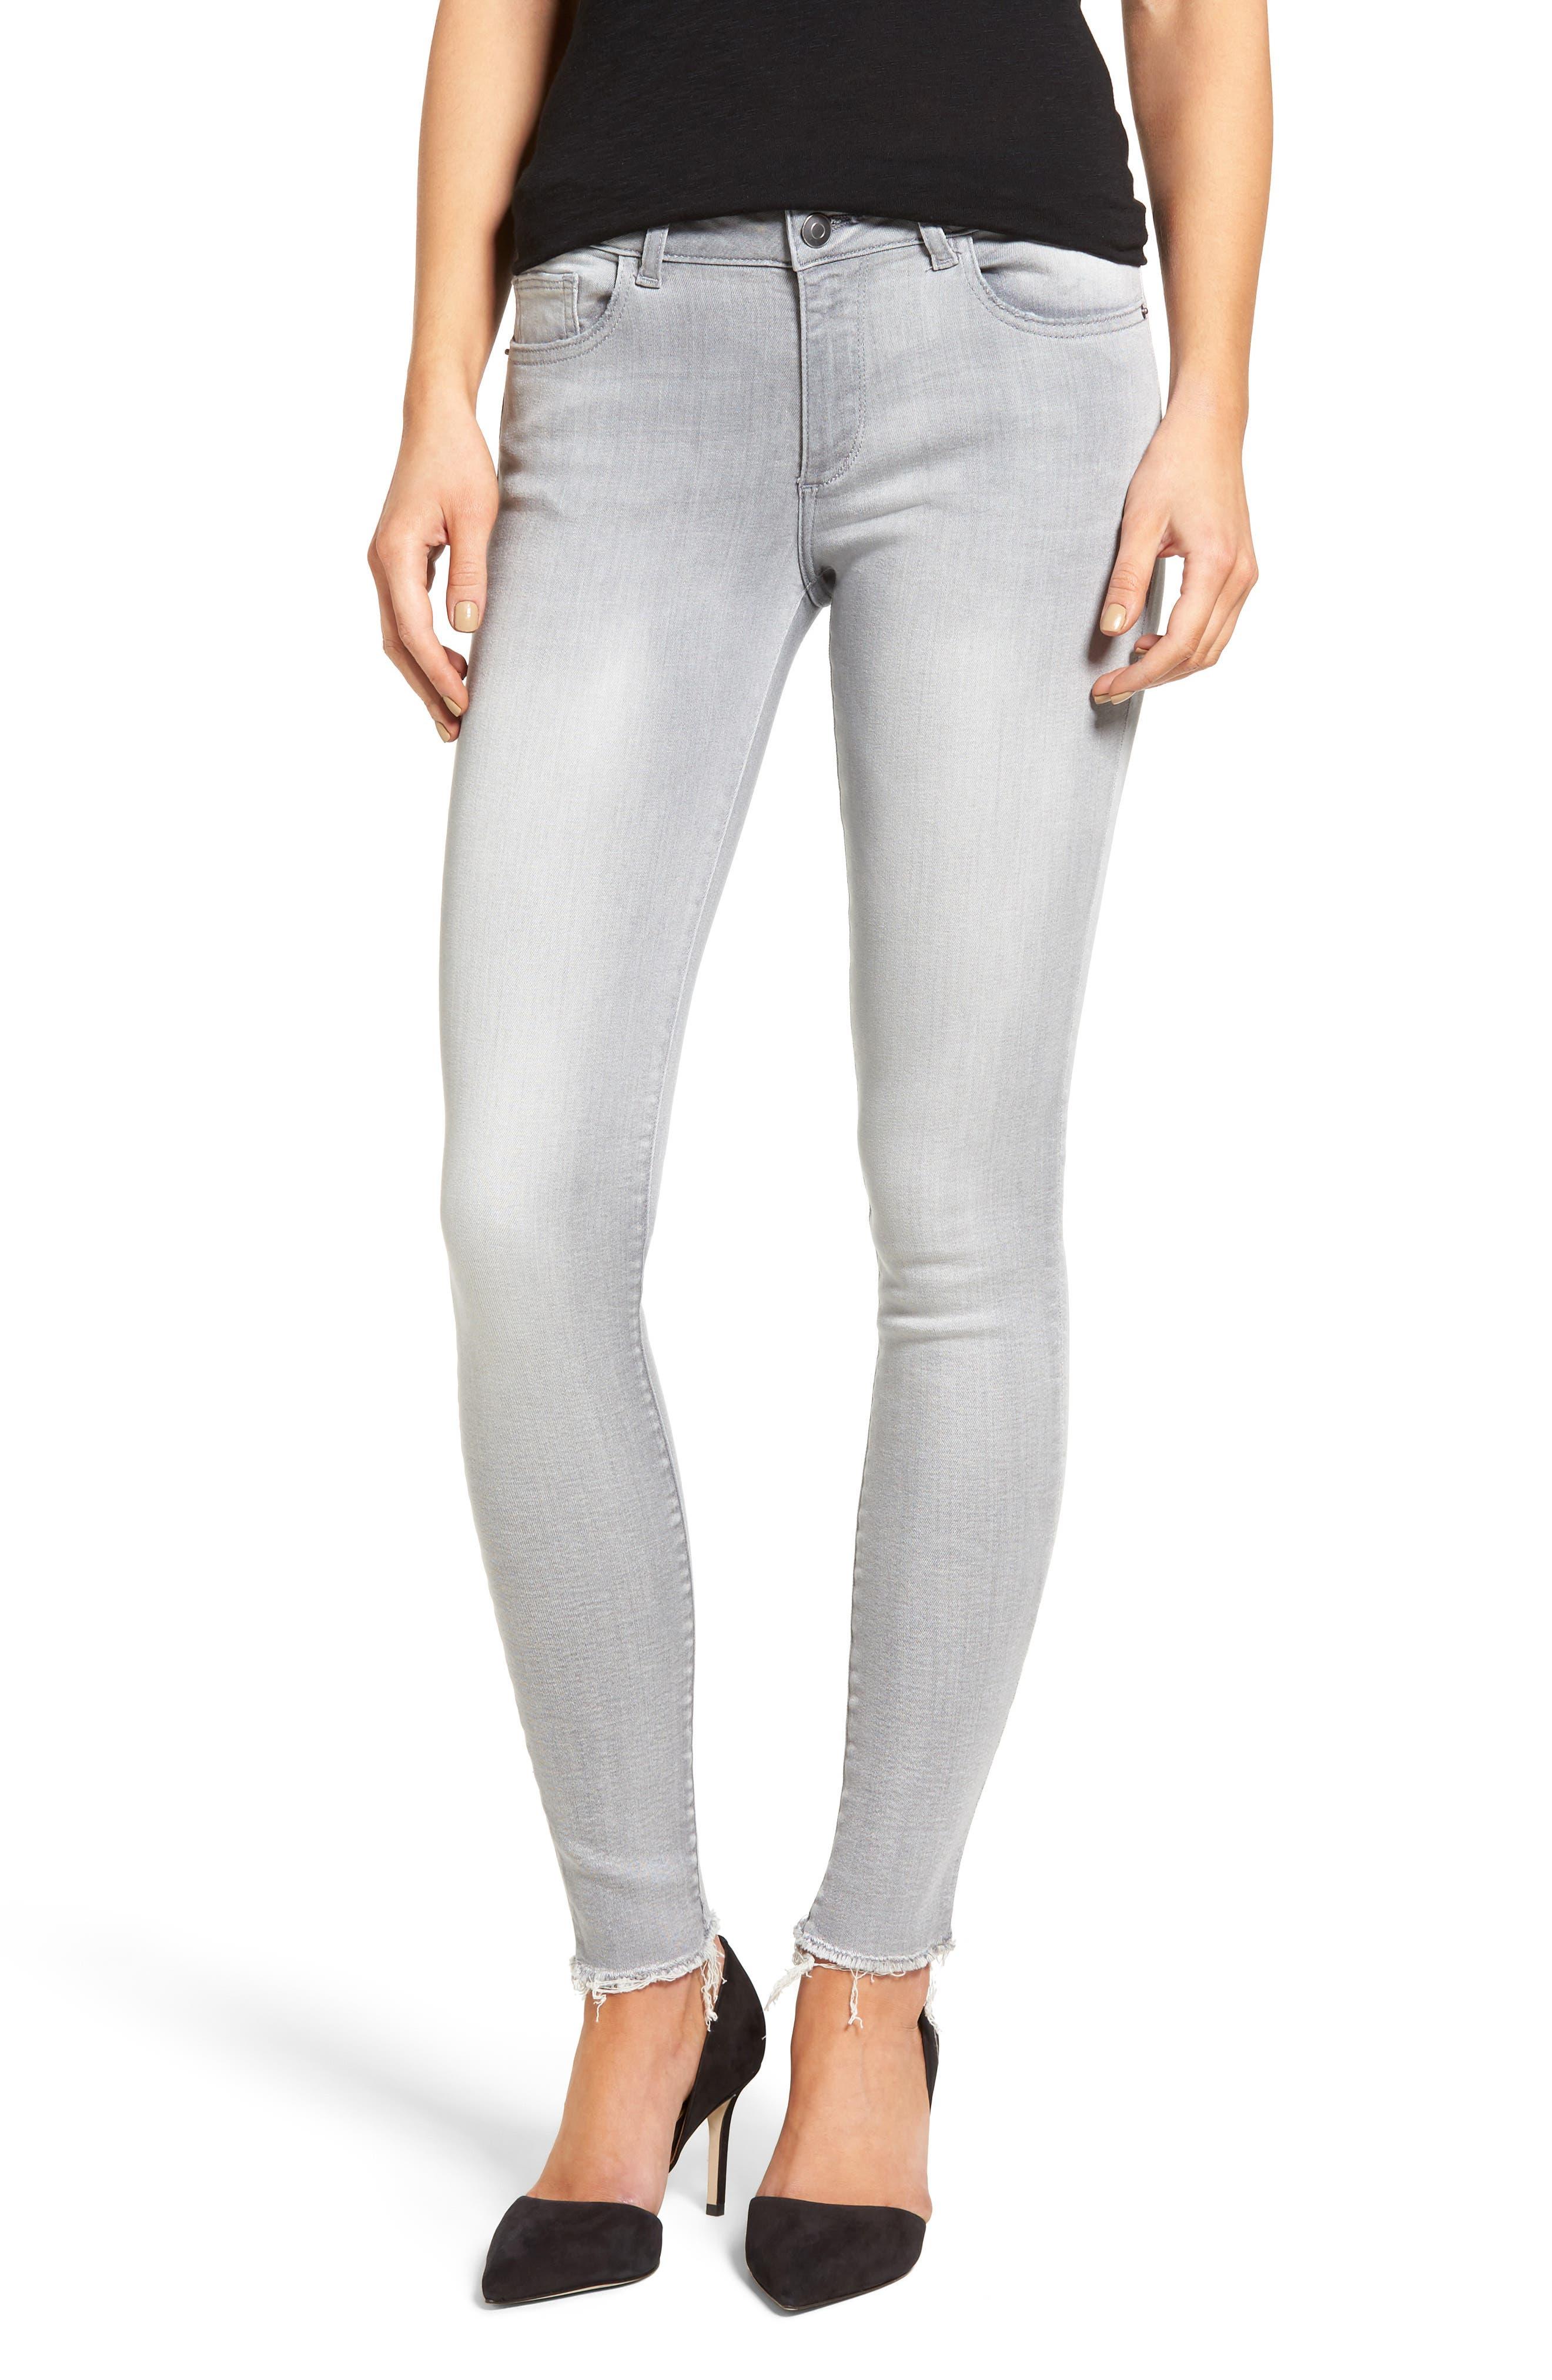 DL1961 Emma Power Legging Jeans (Legendary)